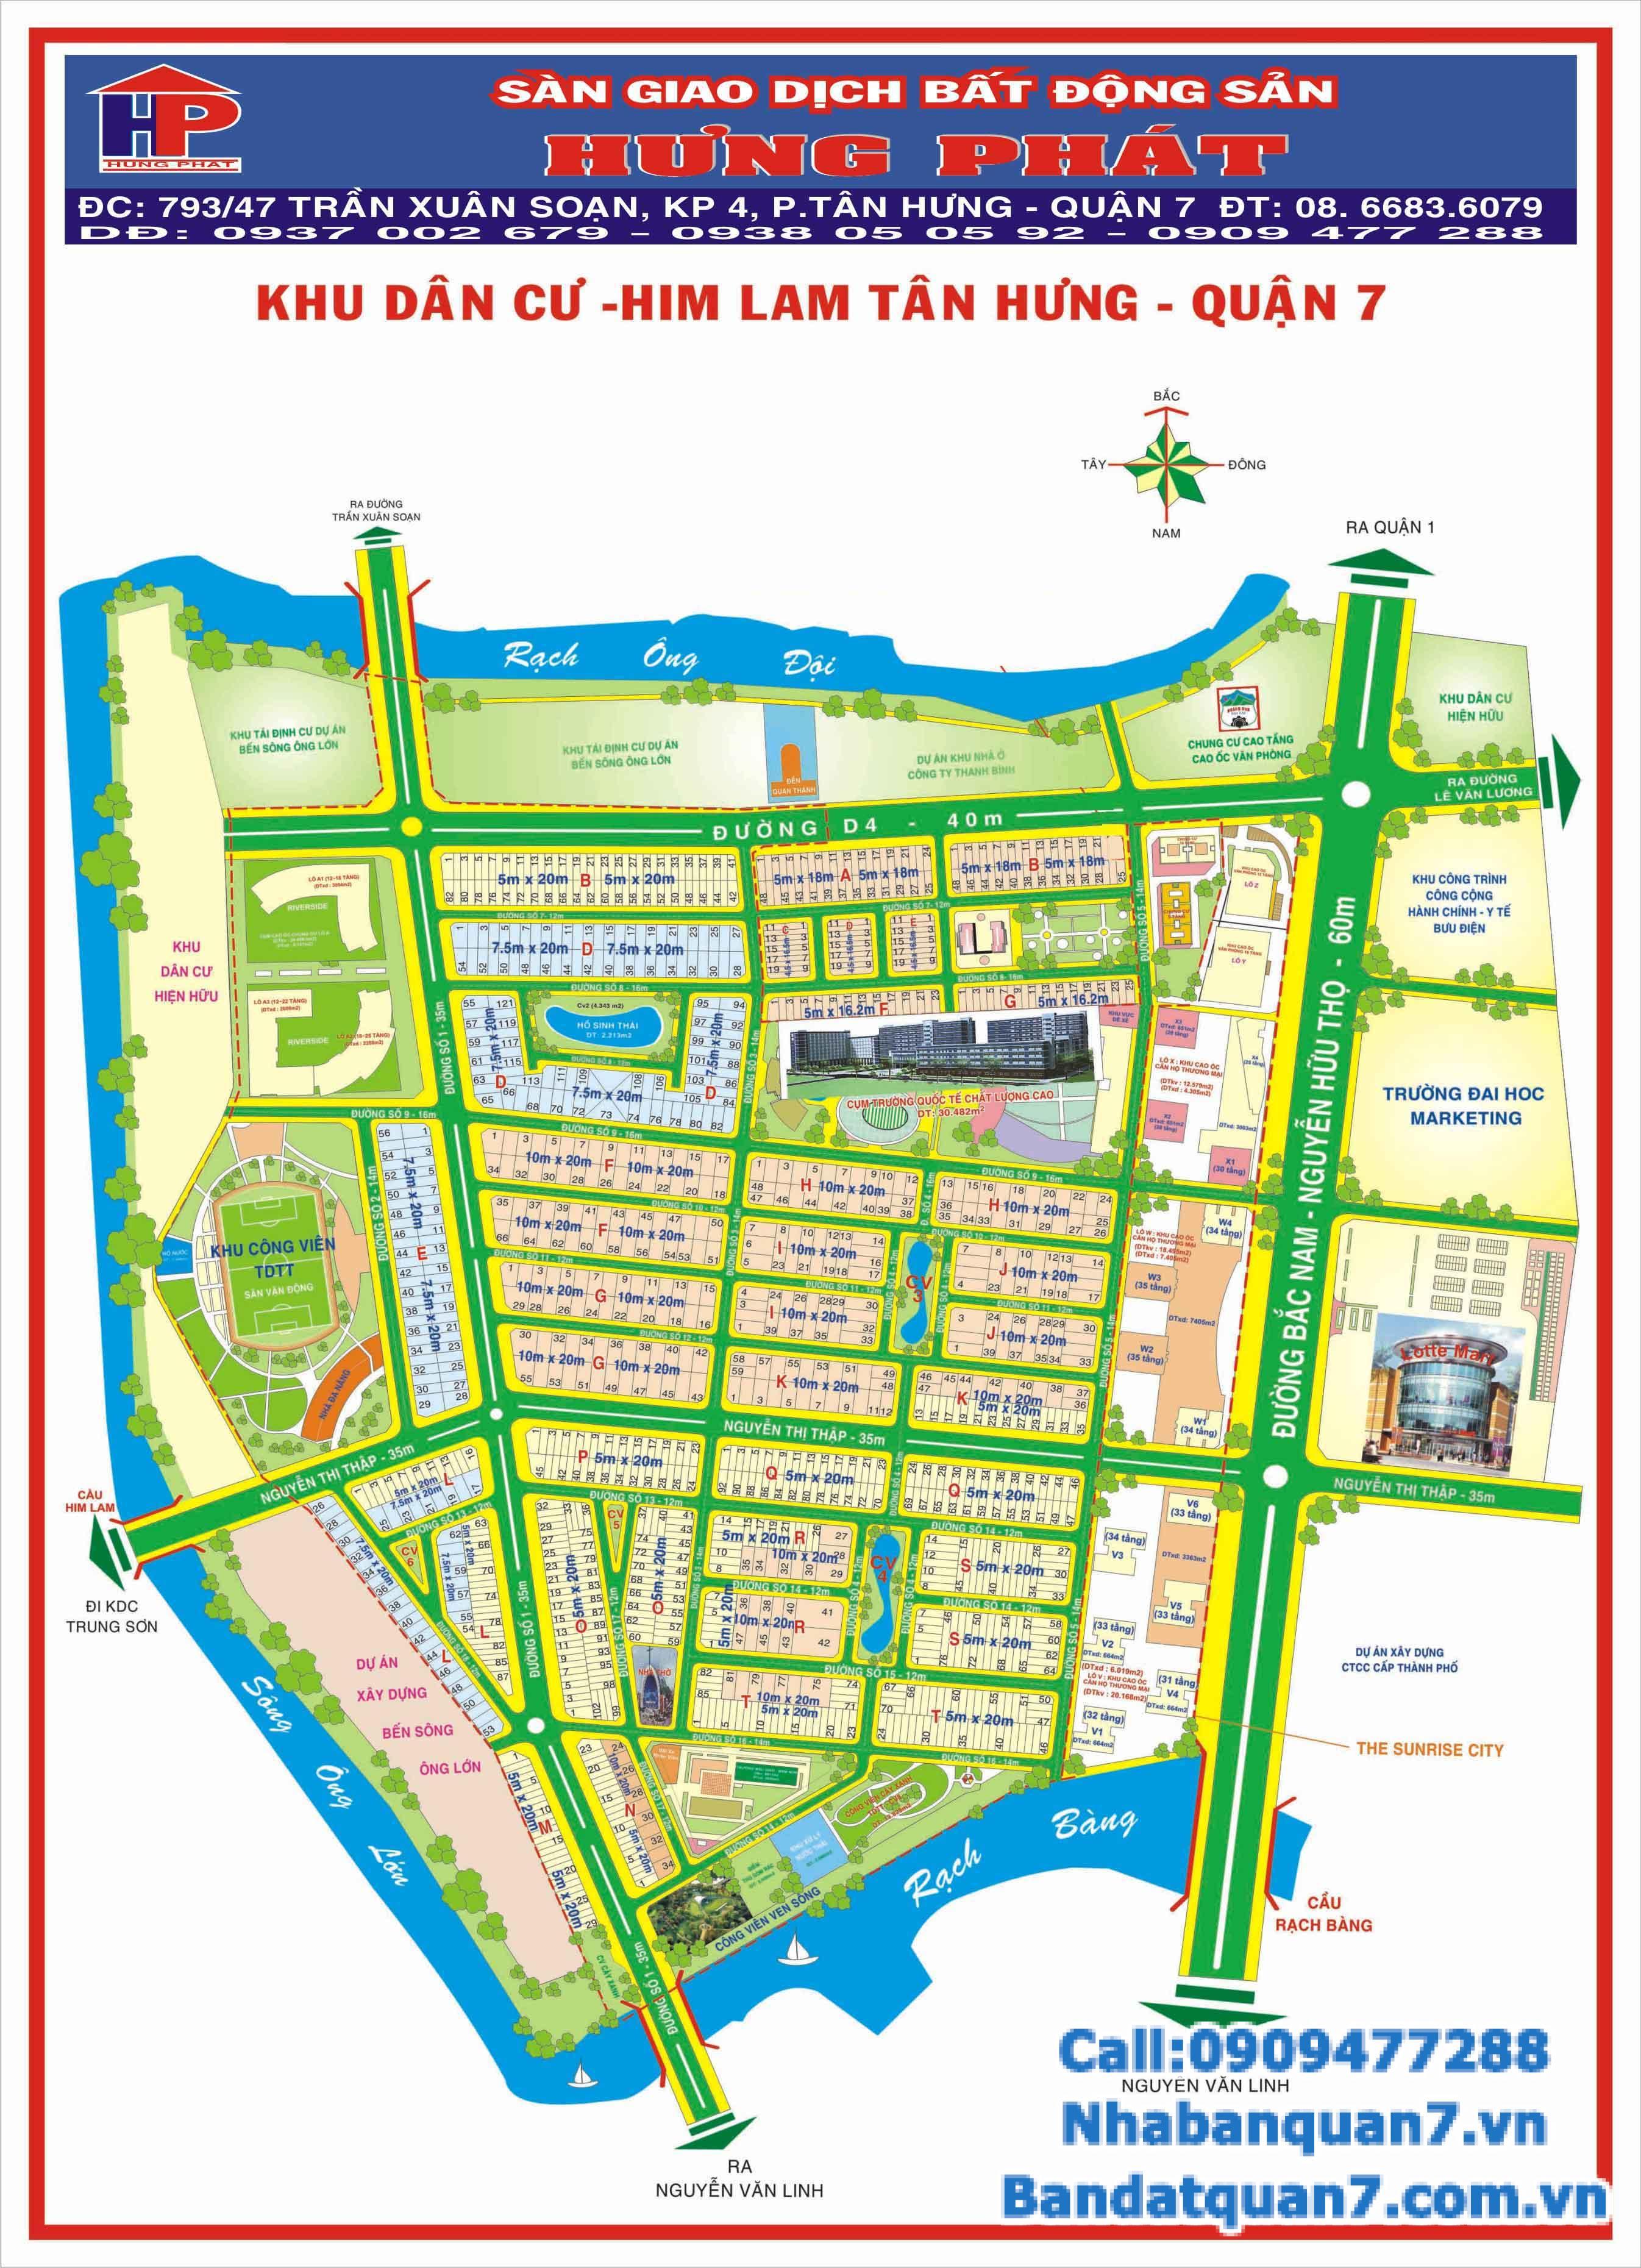 Bán đất biệt thự Him Lam, diện tích 387.5m2, giá 33 tỷ, rẻ hơn thị trường 5 tỷ, LH 0909477288